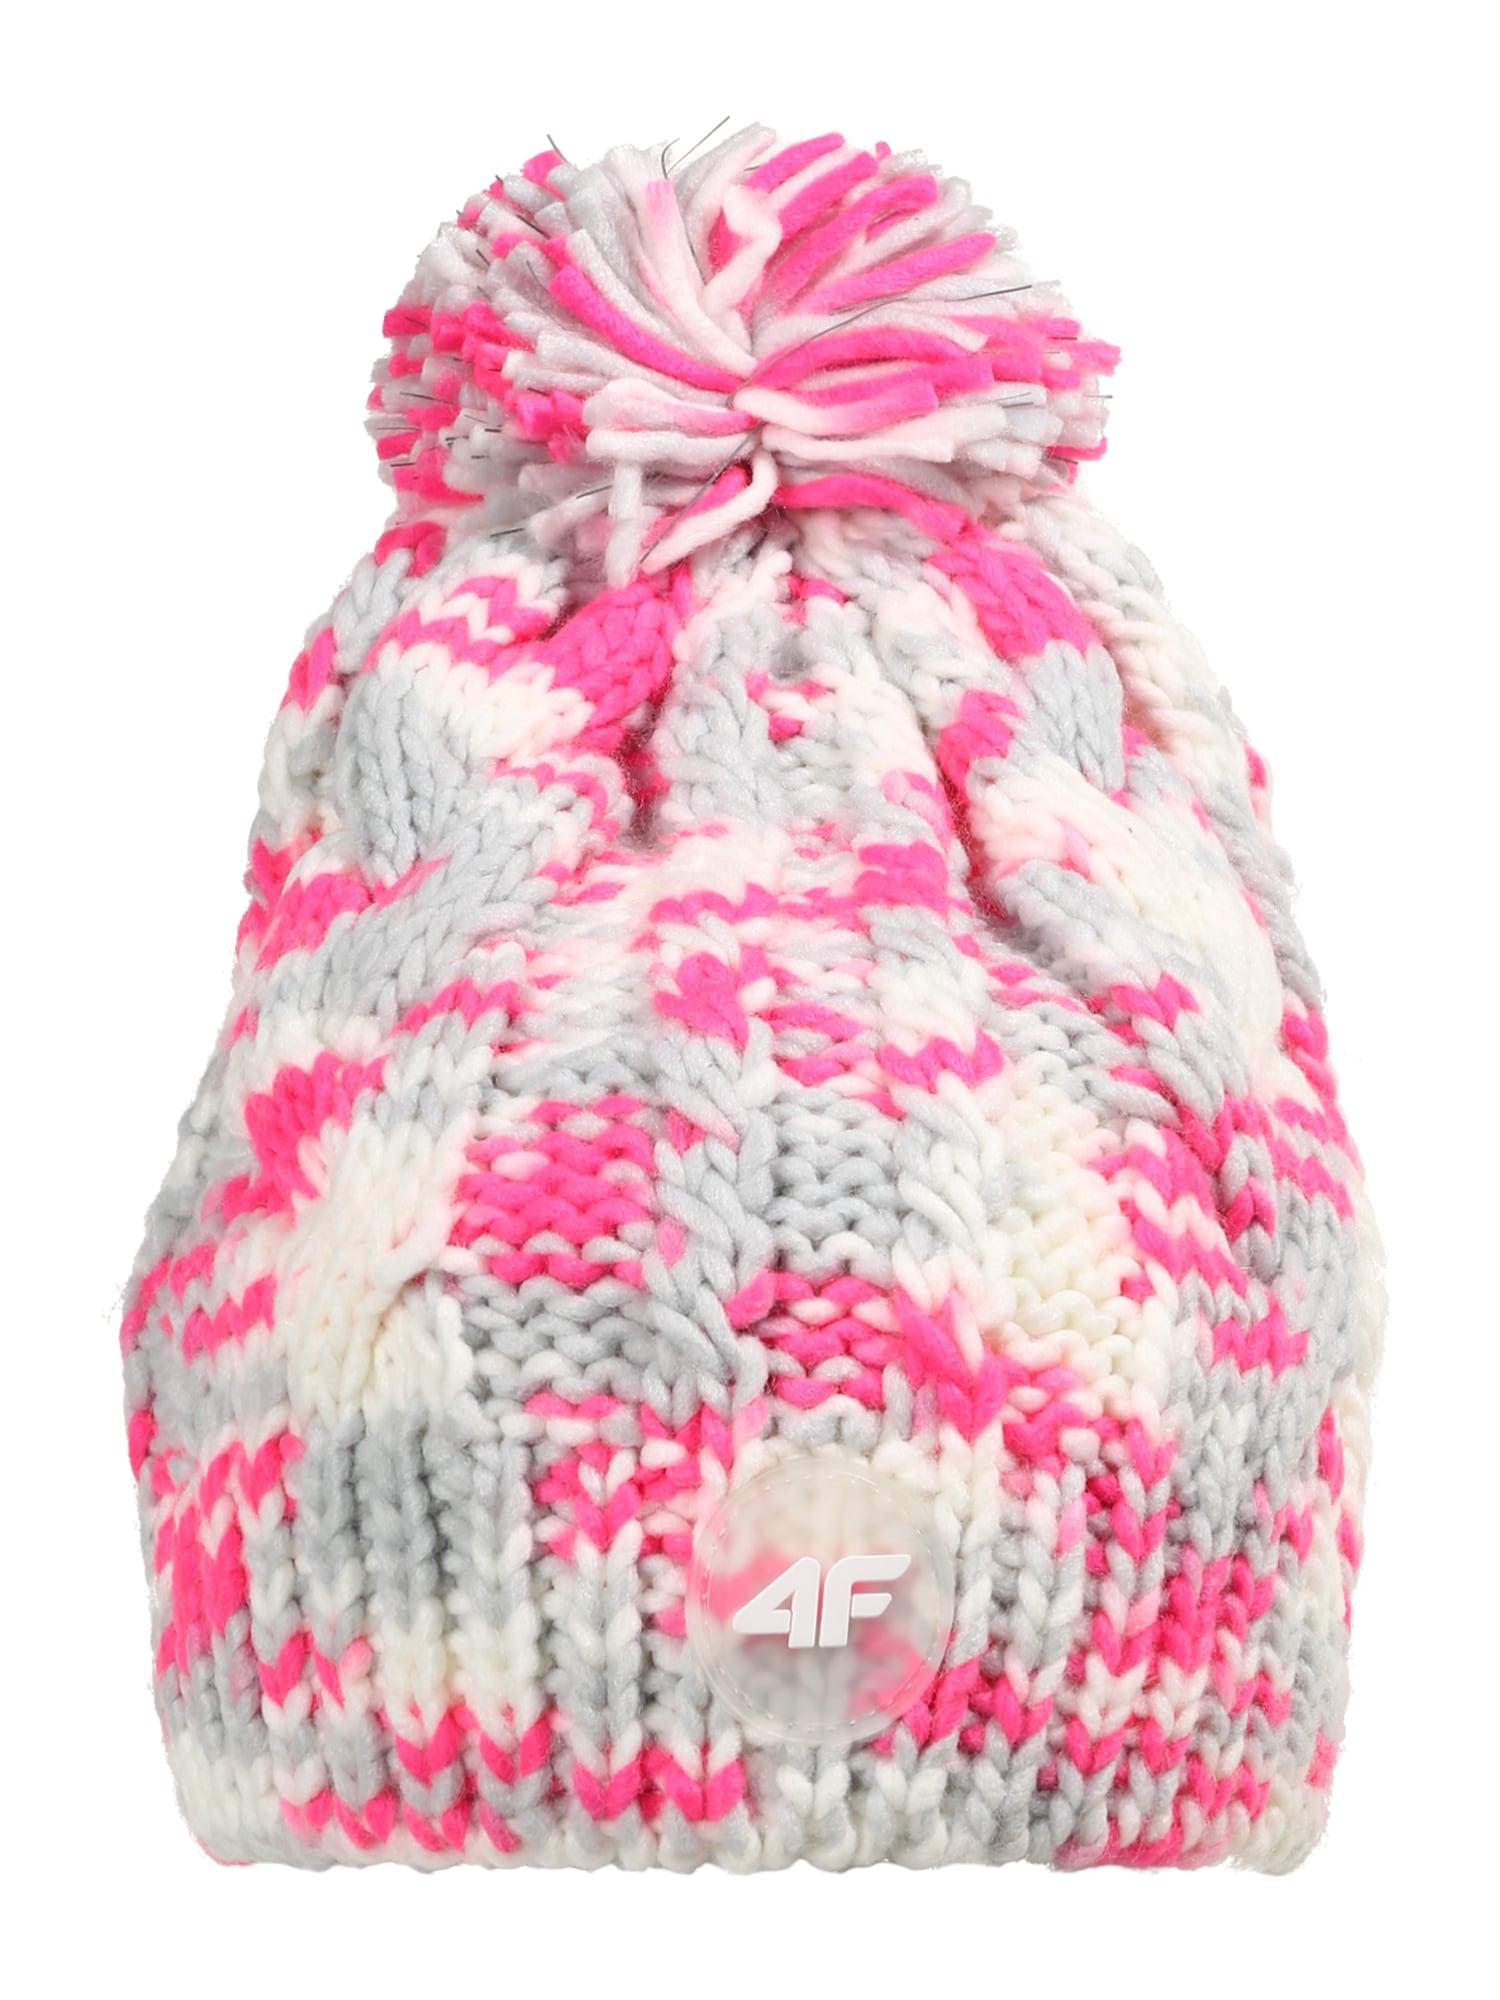 4F Sportinė kepurė šviesiai pilka / rožinė / kremo